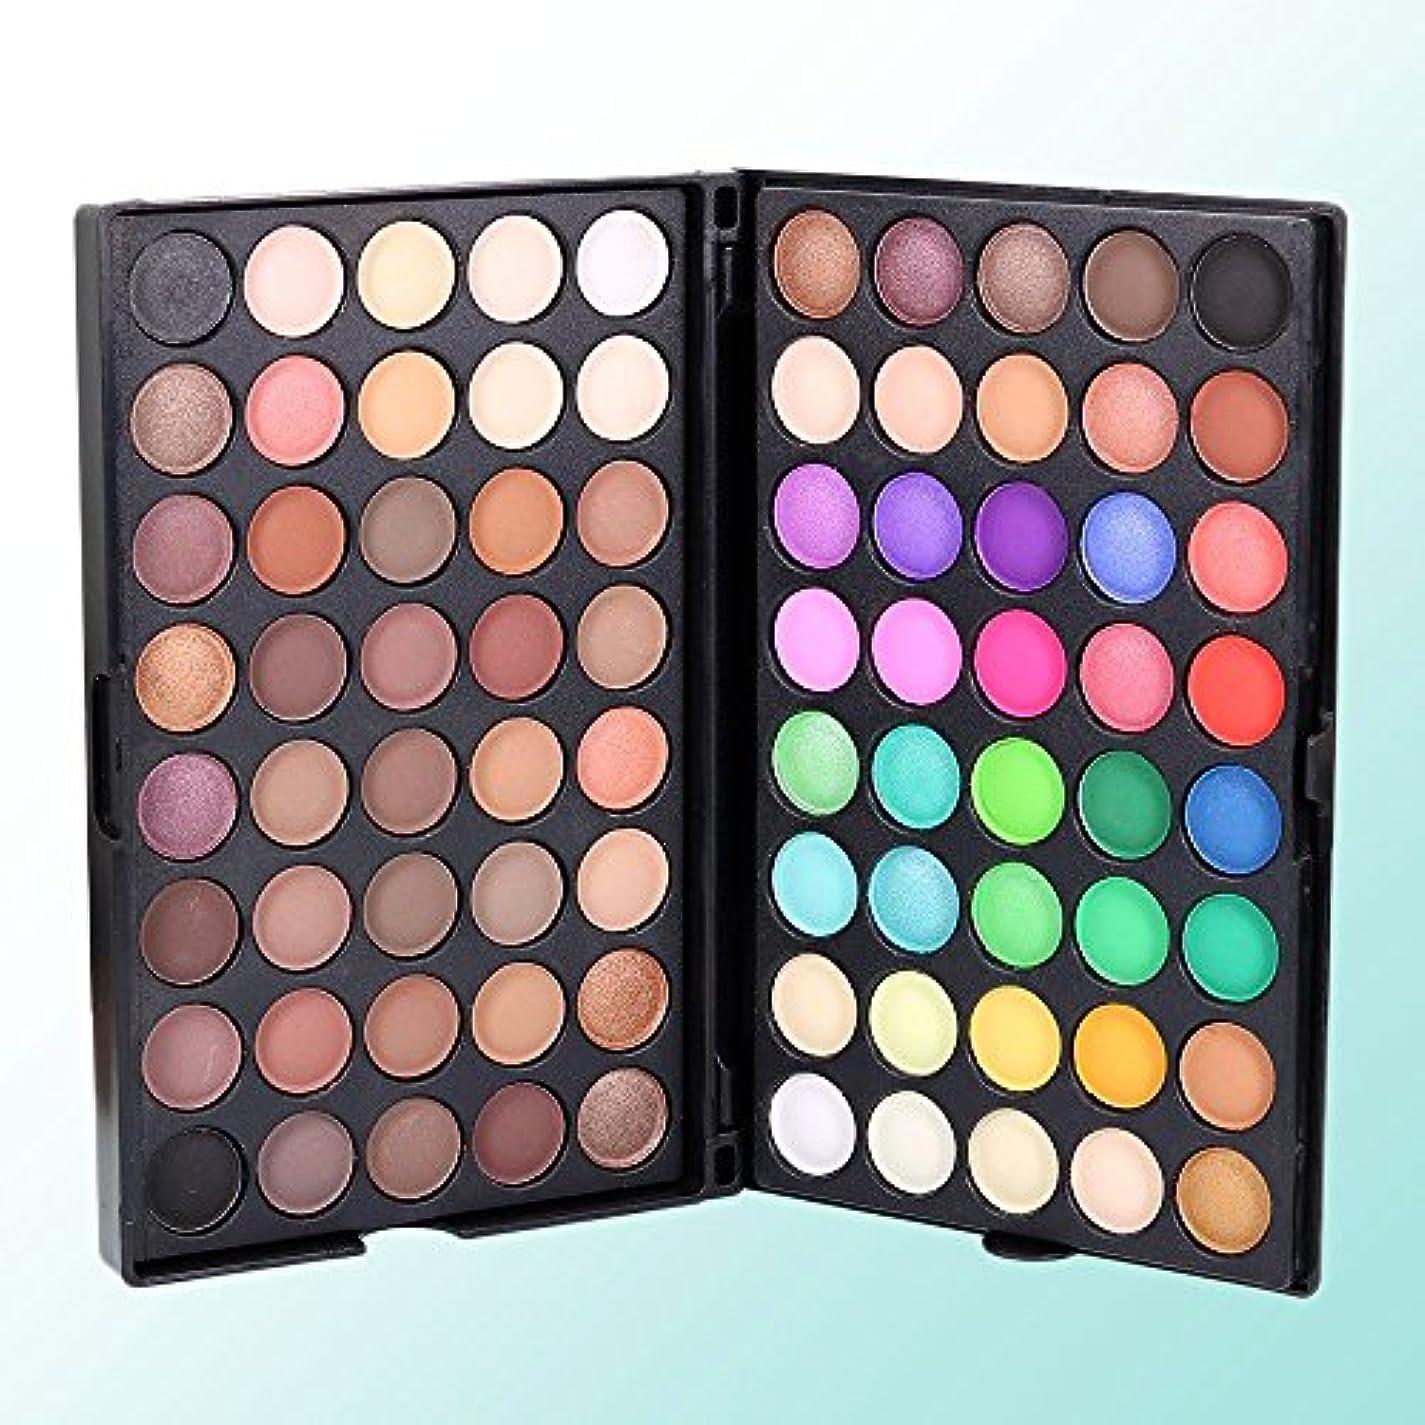 勘違いする大きなスケールで見るとトラブルMSmask 80 Colors Matte Luminous Eyeshadow Cosmetic Makeup Eye Shadow Colorful Gift